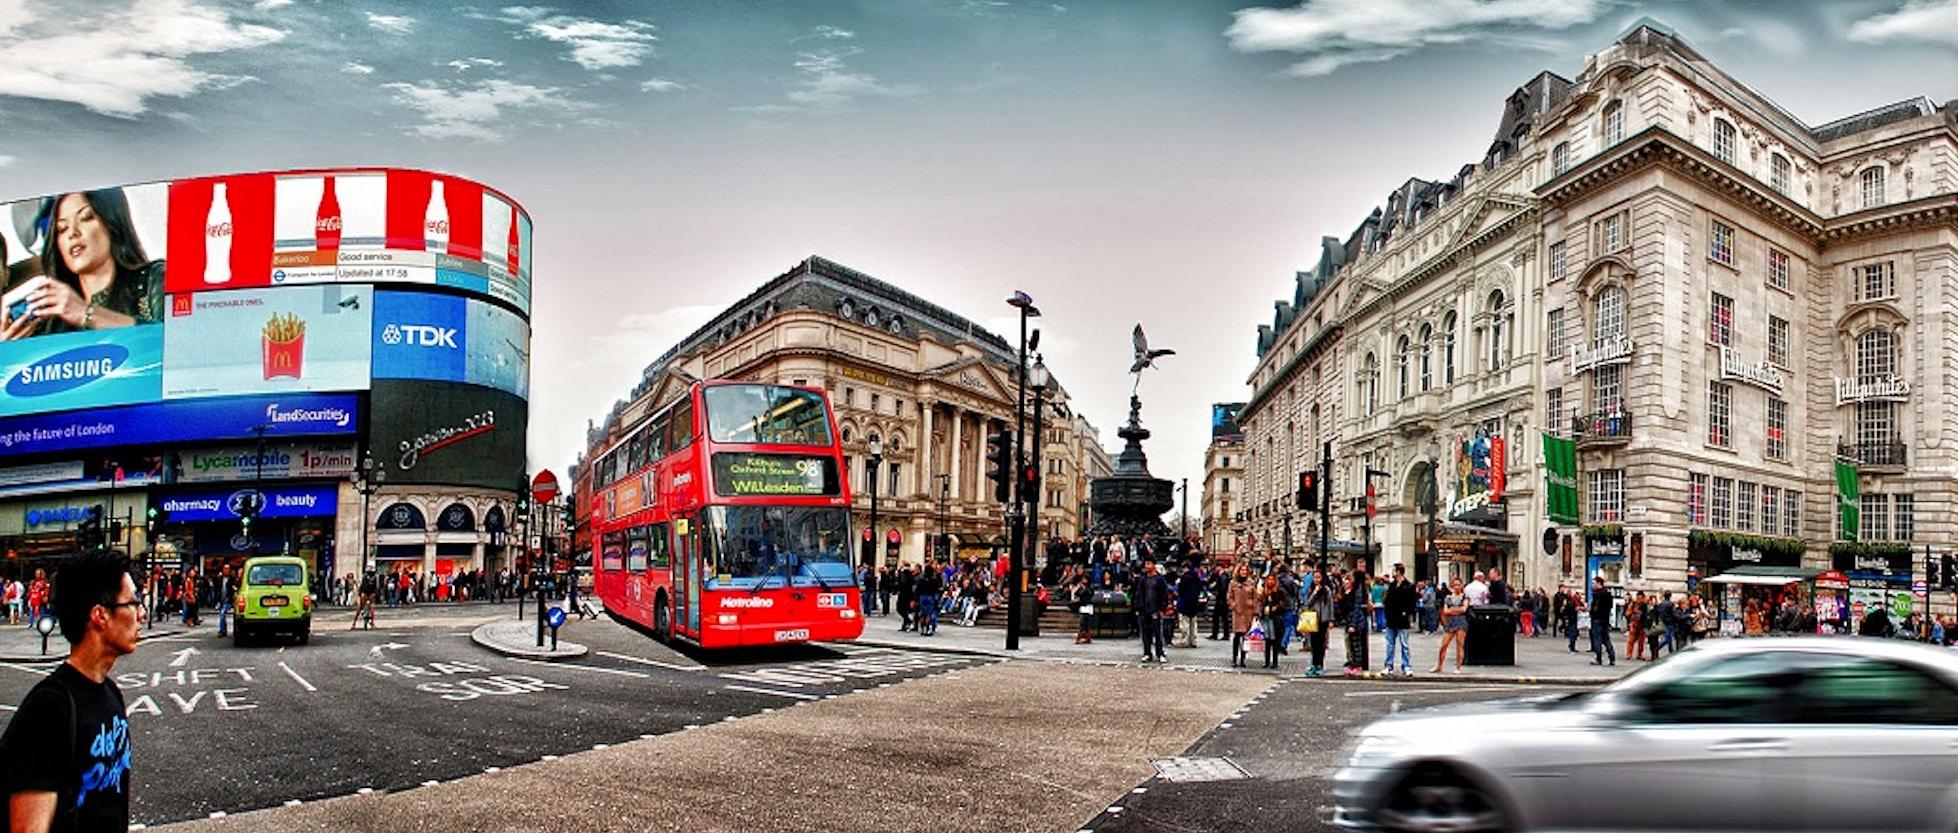 Vacanze studio a Londra: perchè farle e come organizzarle